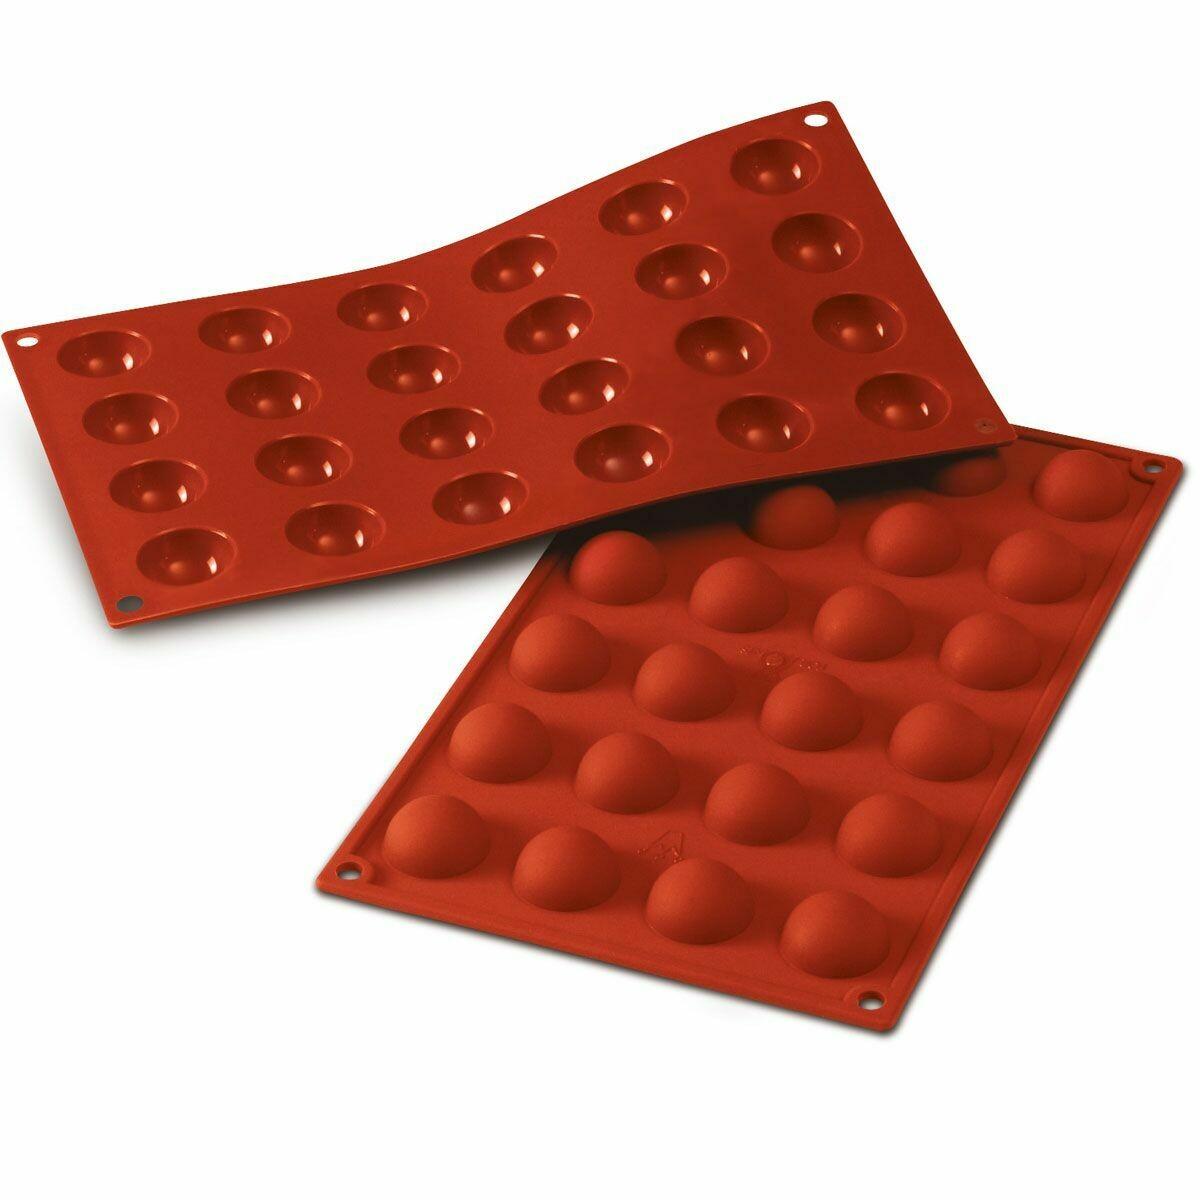 Silikomart -Semisphere Mould -SMALL -Καλούπι Ημισφαίριο Μικρό-3εκ